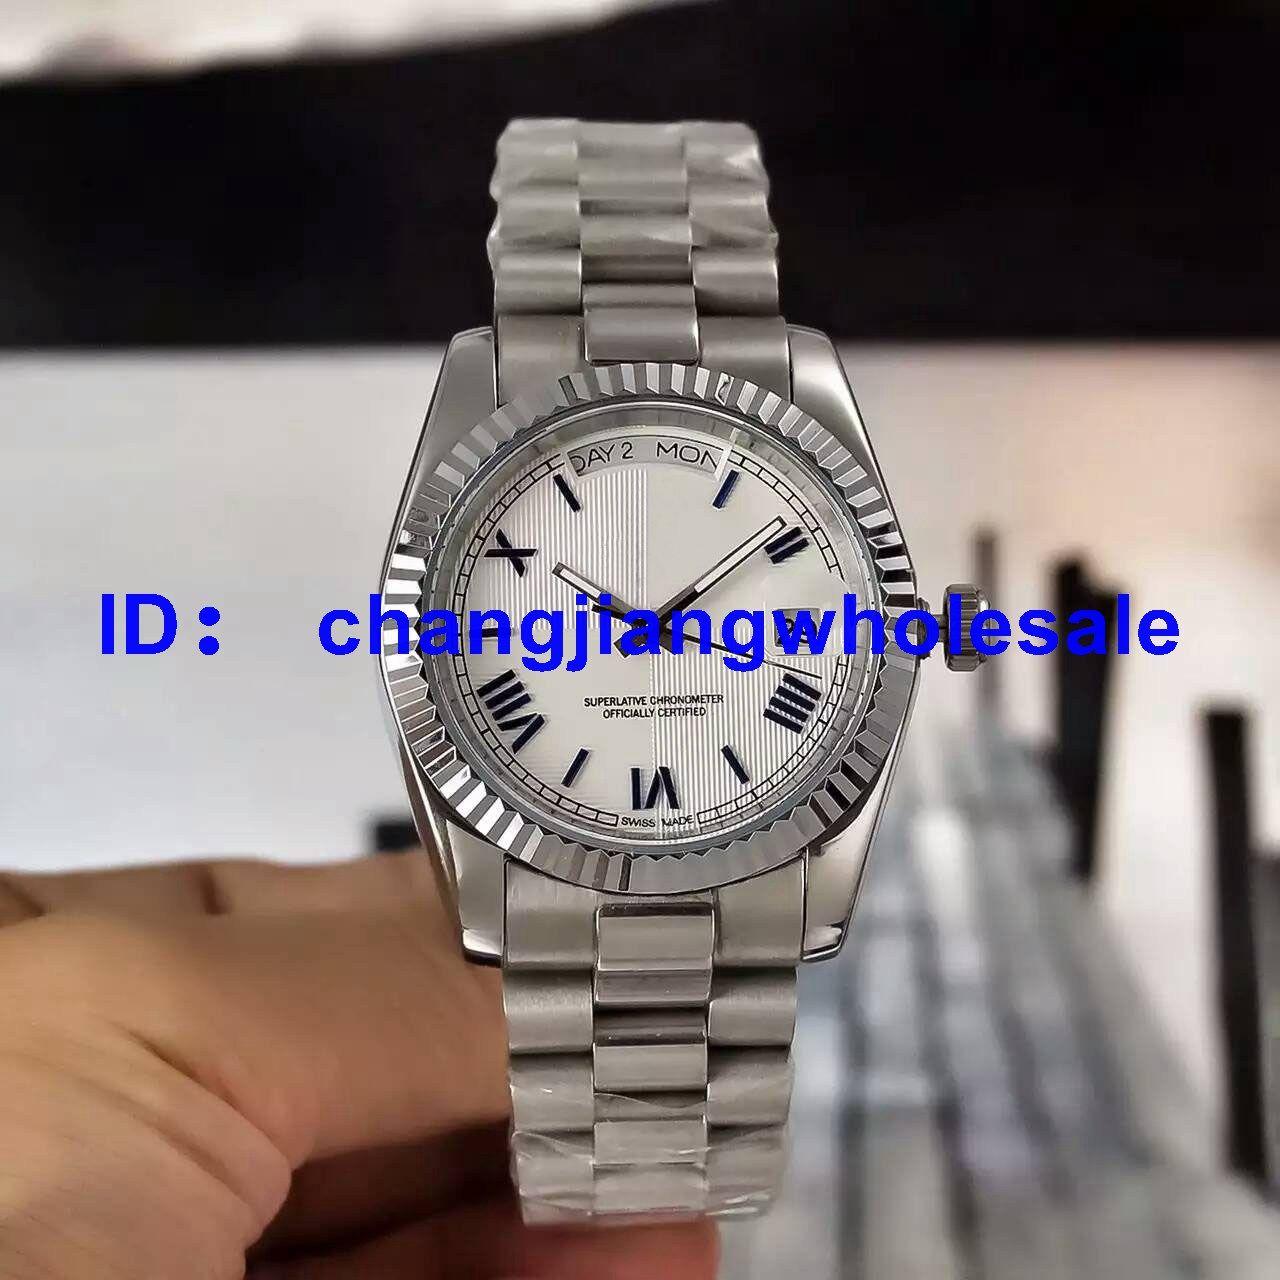 Neues Uhr Maschinen Leben Spiegel Kalender Wasserdicht Luxusmarke Automatische Angebot Herrenuhr Aaa Saphir tsQCBrdhx